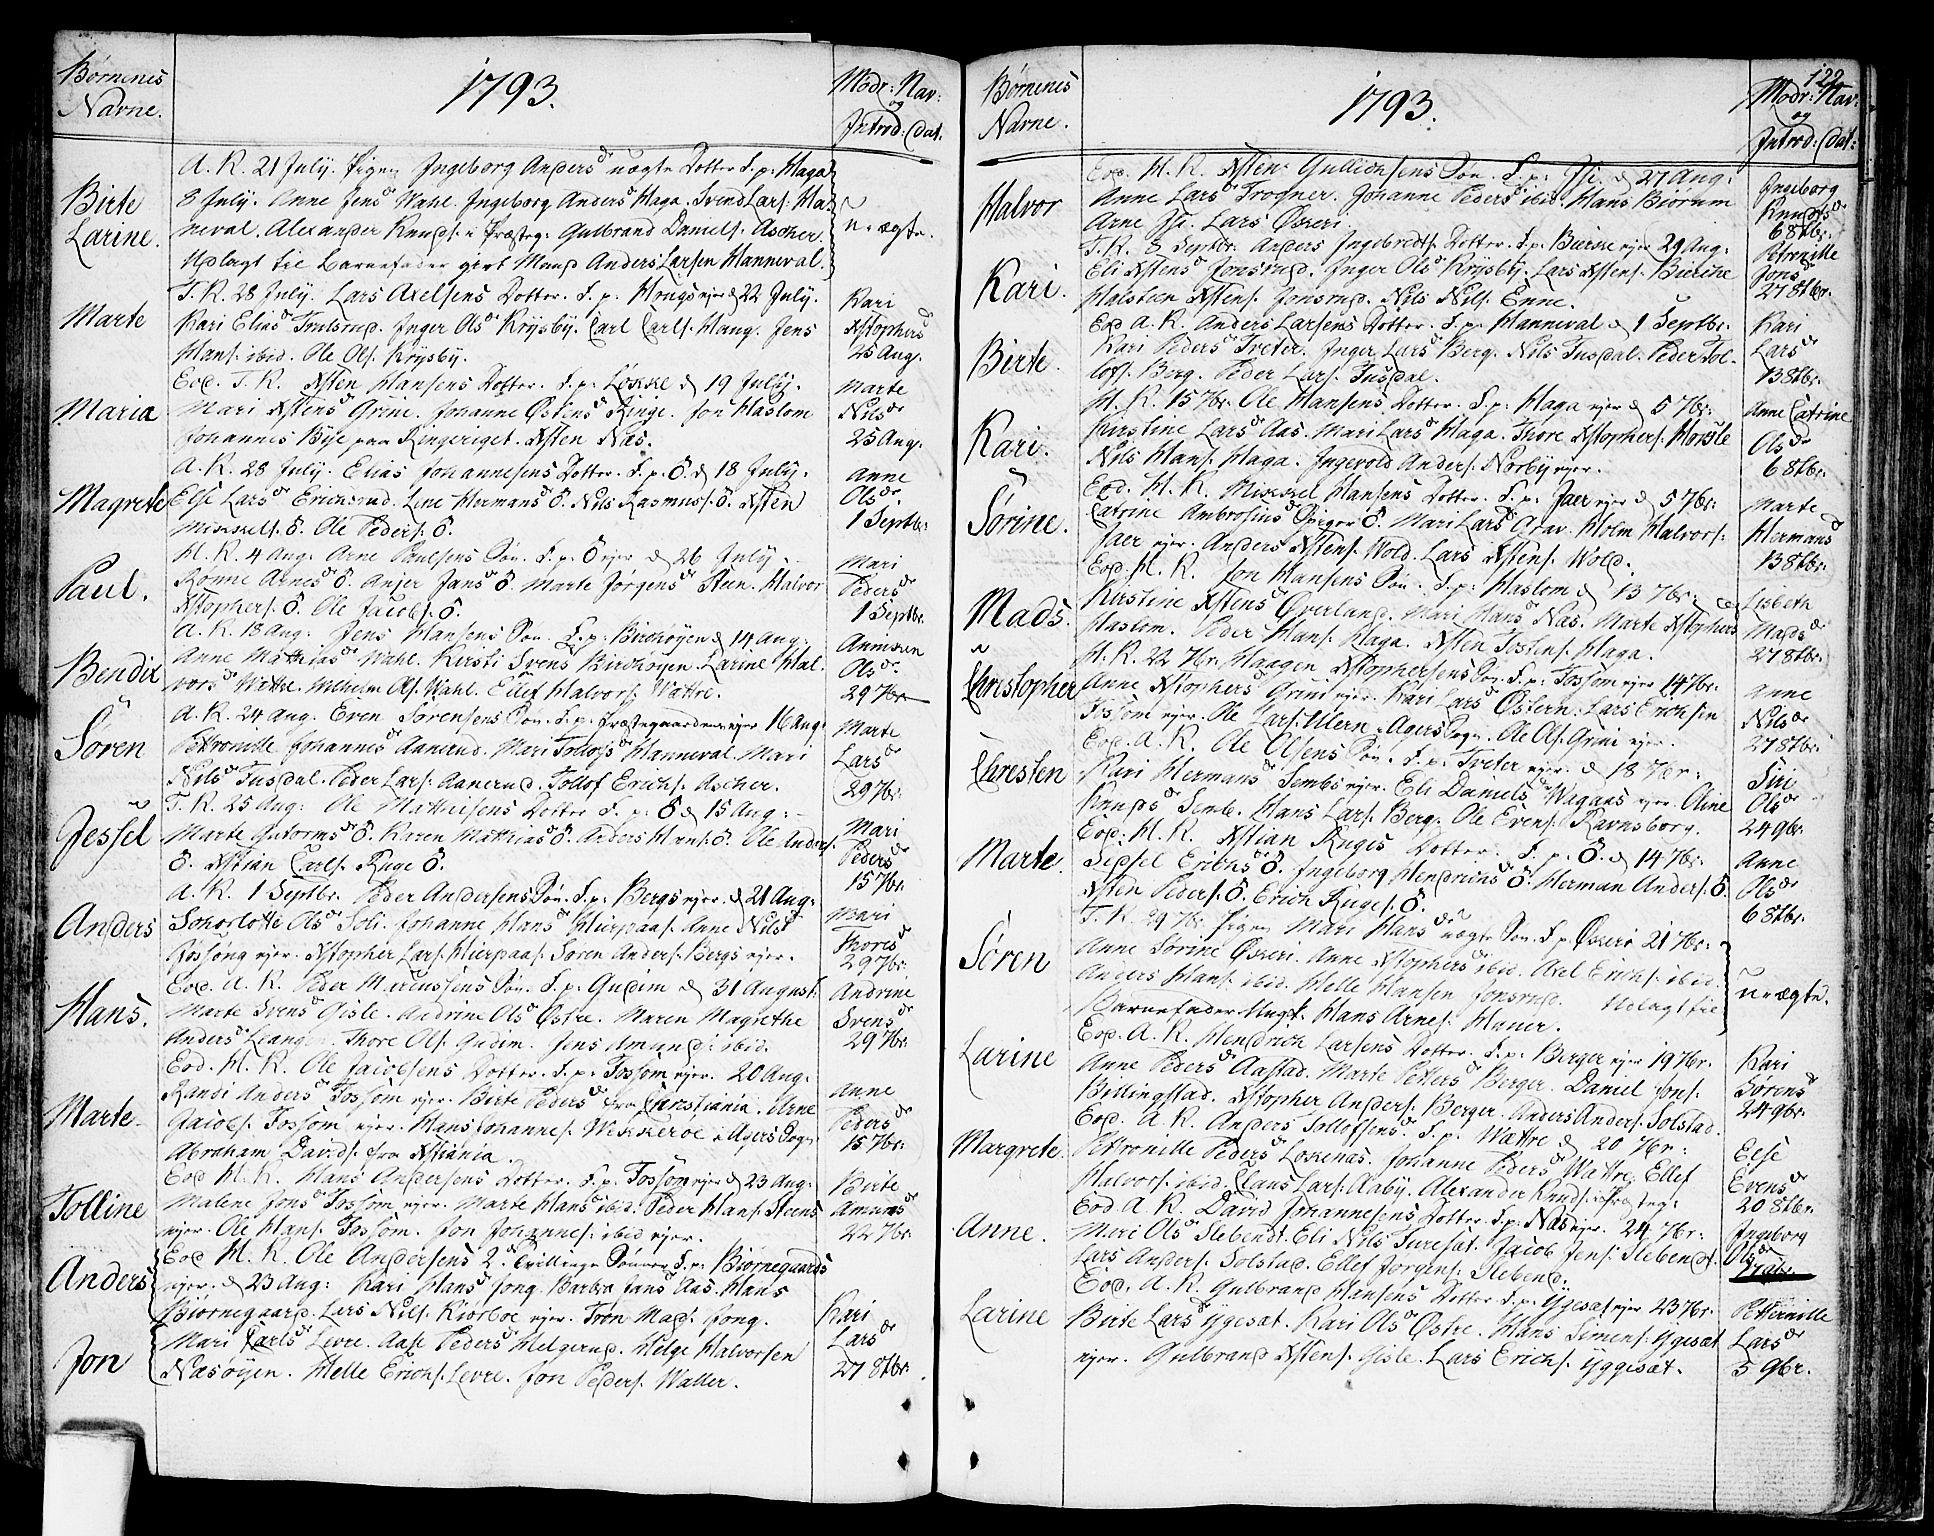 SAO, Asker prestekontor Kirkebøker, F/Fa/L0003: Ministerialbok nr. I 3, 1767-1807, s. 122